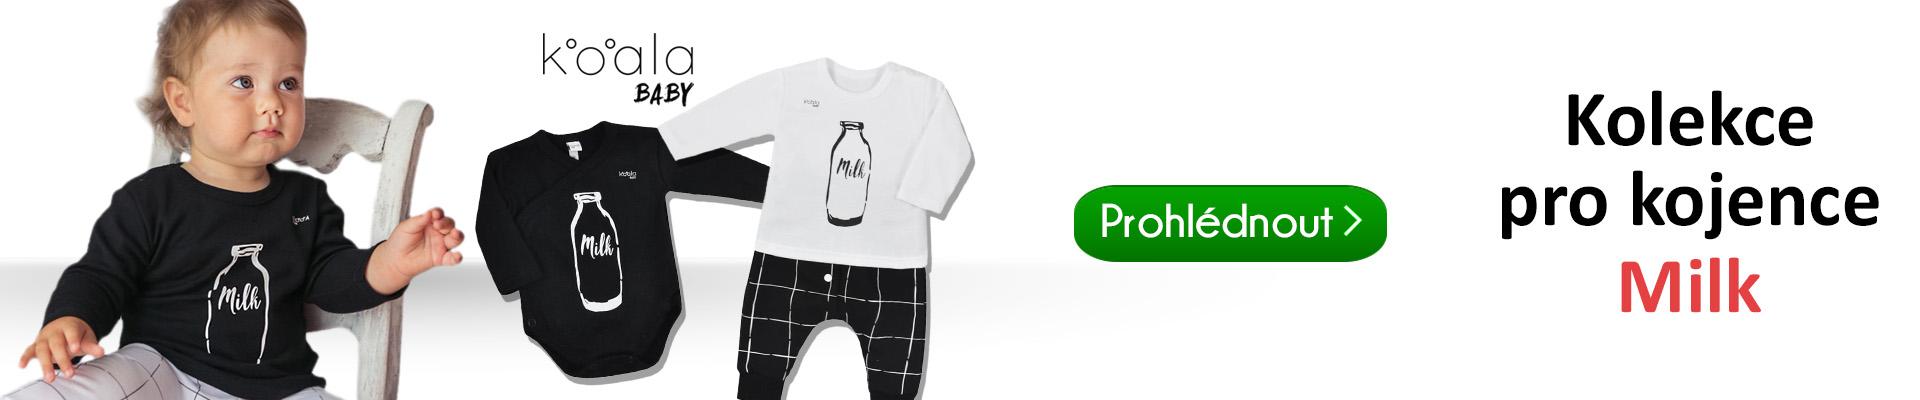 799dfcb8c5d Krásná módní kolekce kojeneckého oblečení Koala Milk. Tato kolekce je  speciálně navrhnuta z příjemných a praktických materiálů